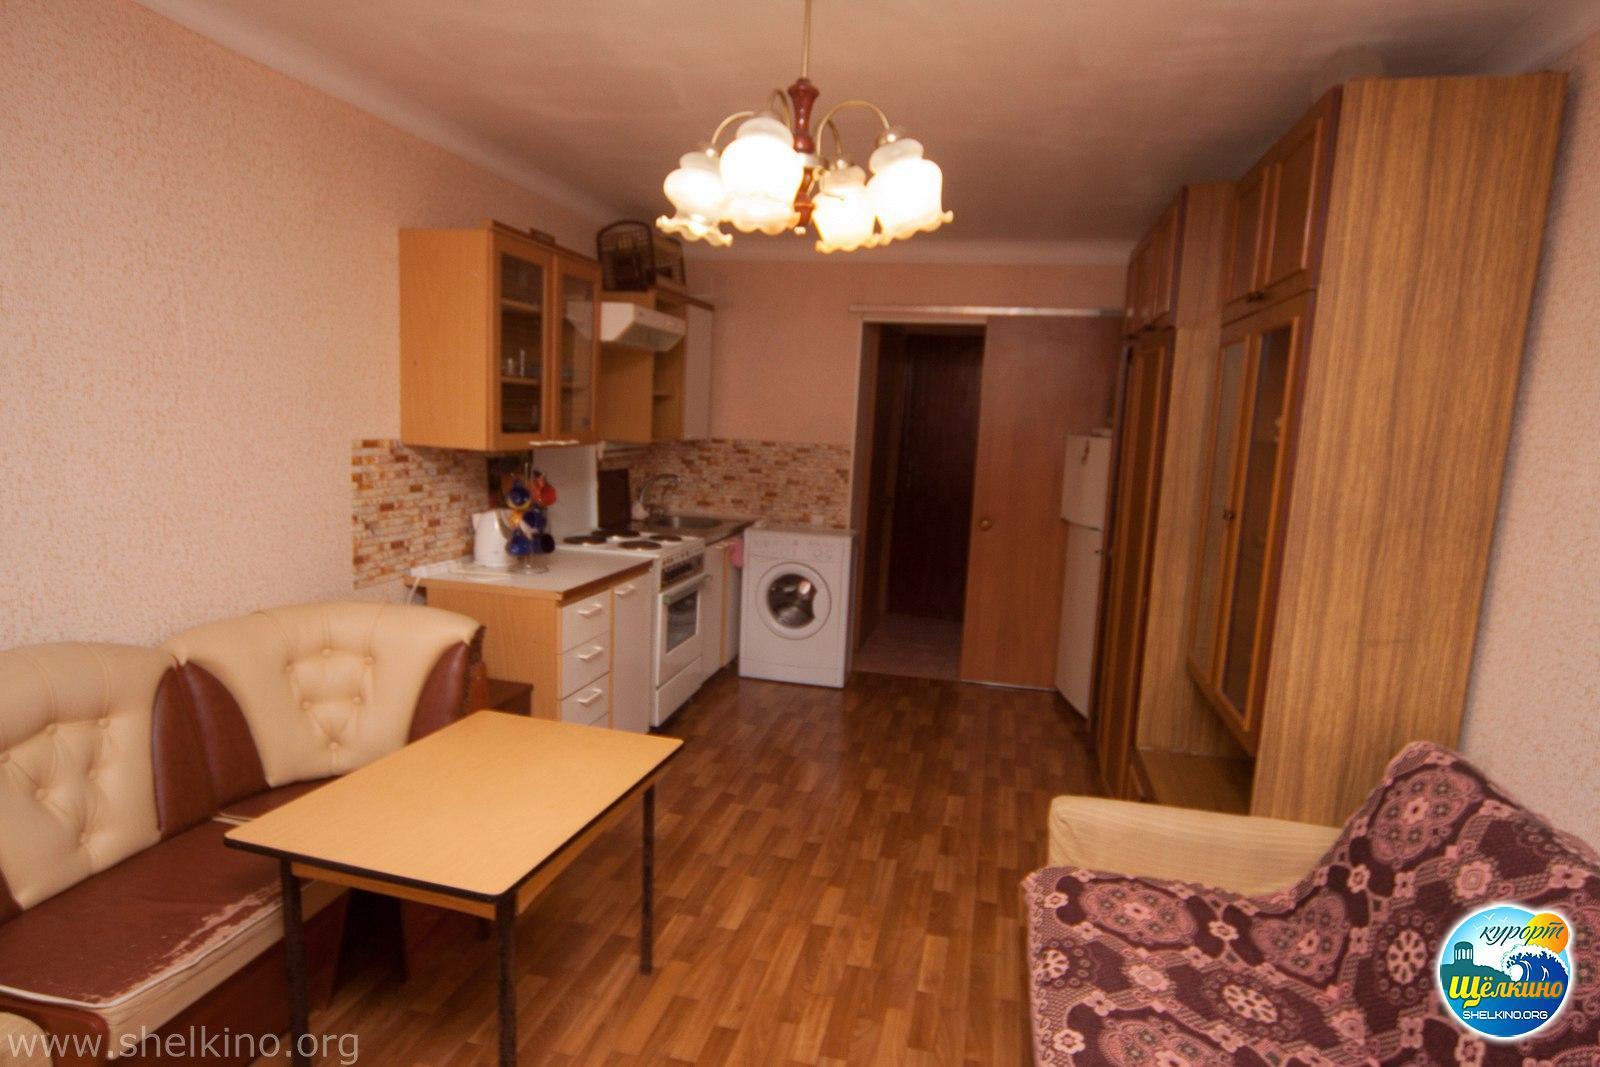 Квартира № 123 1,5 комн в 3 доме